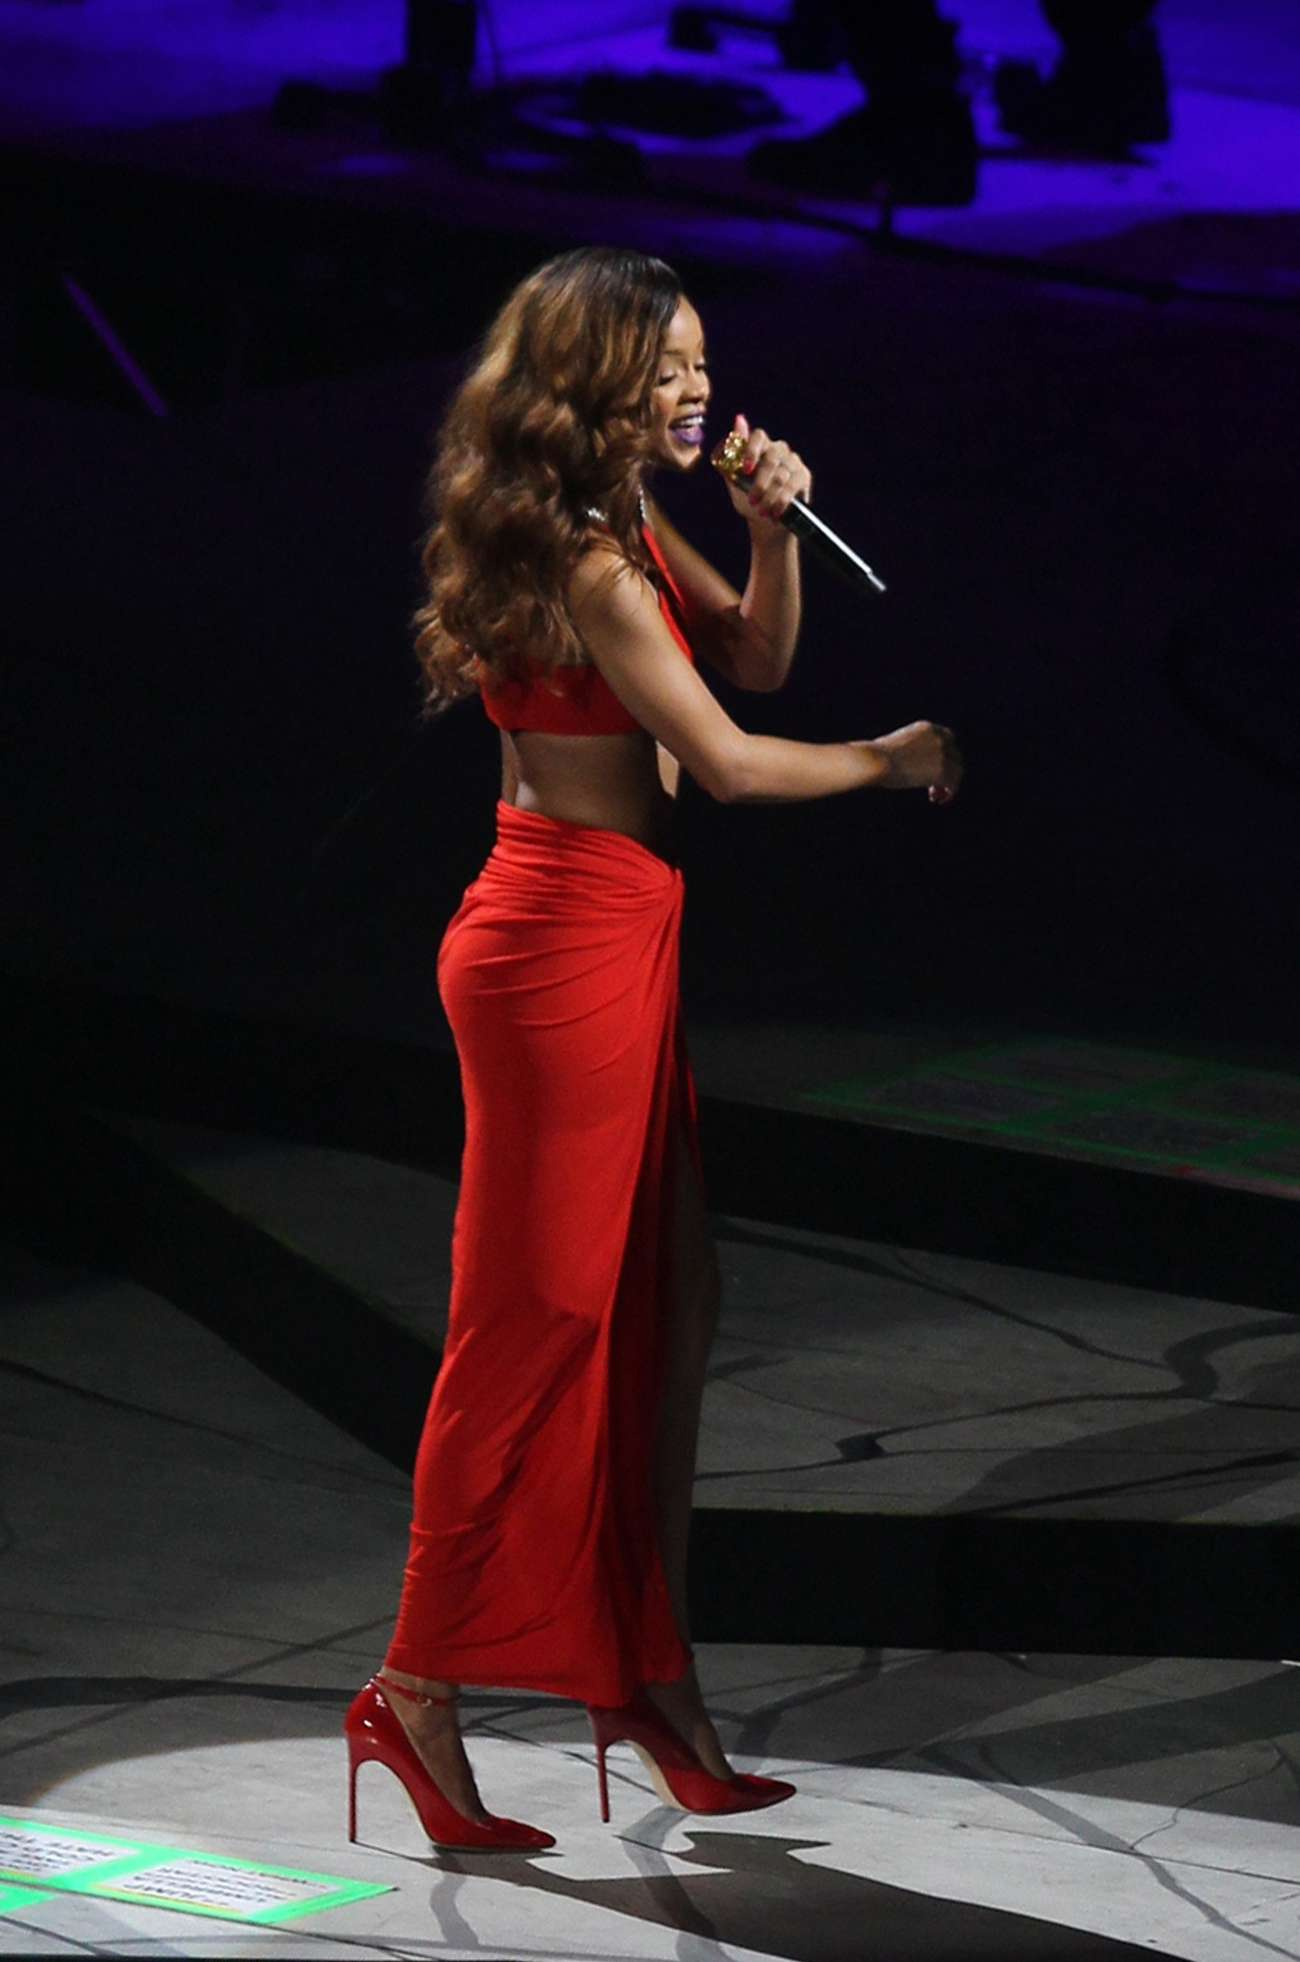 image Rihanna diamonds world tour ass edit